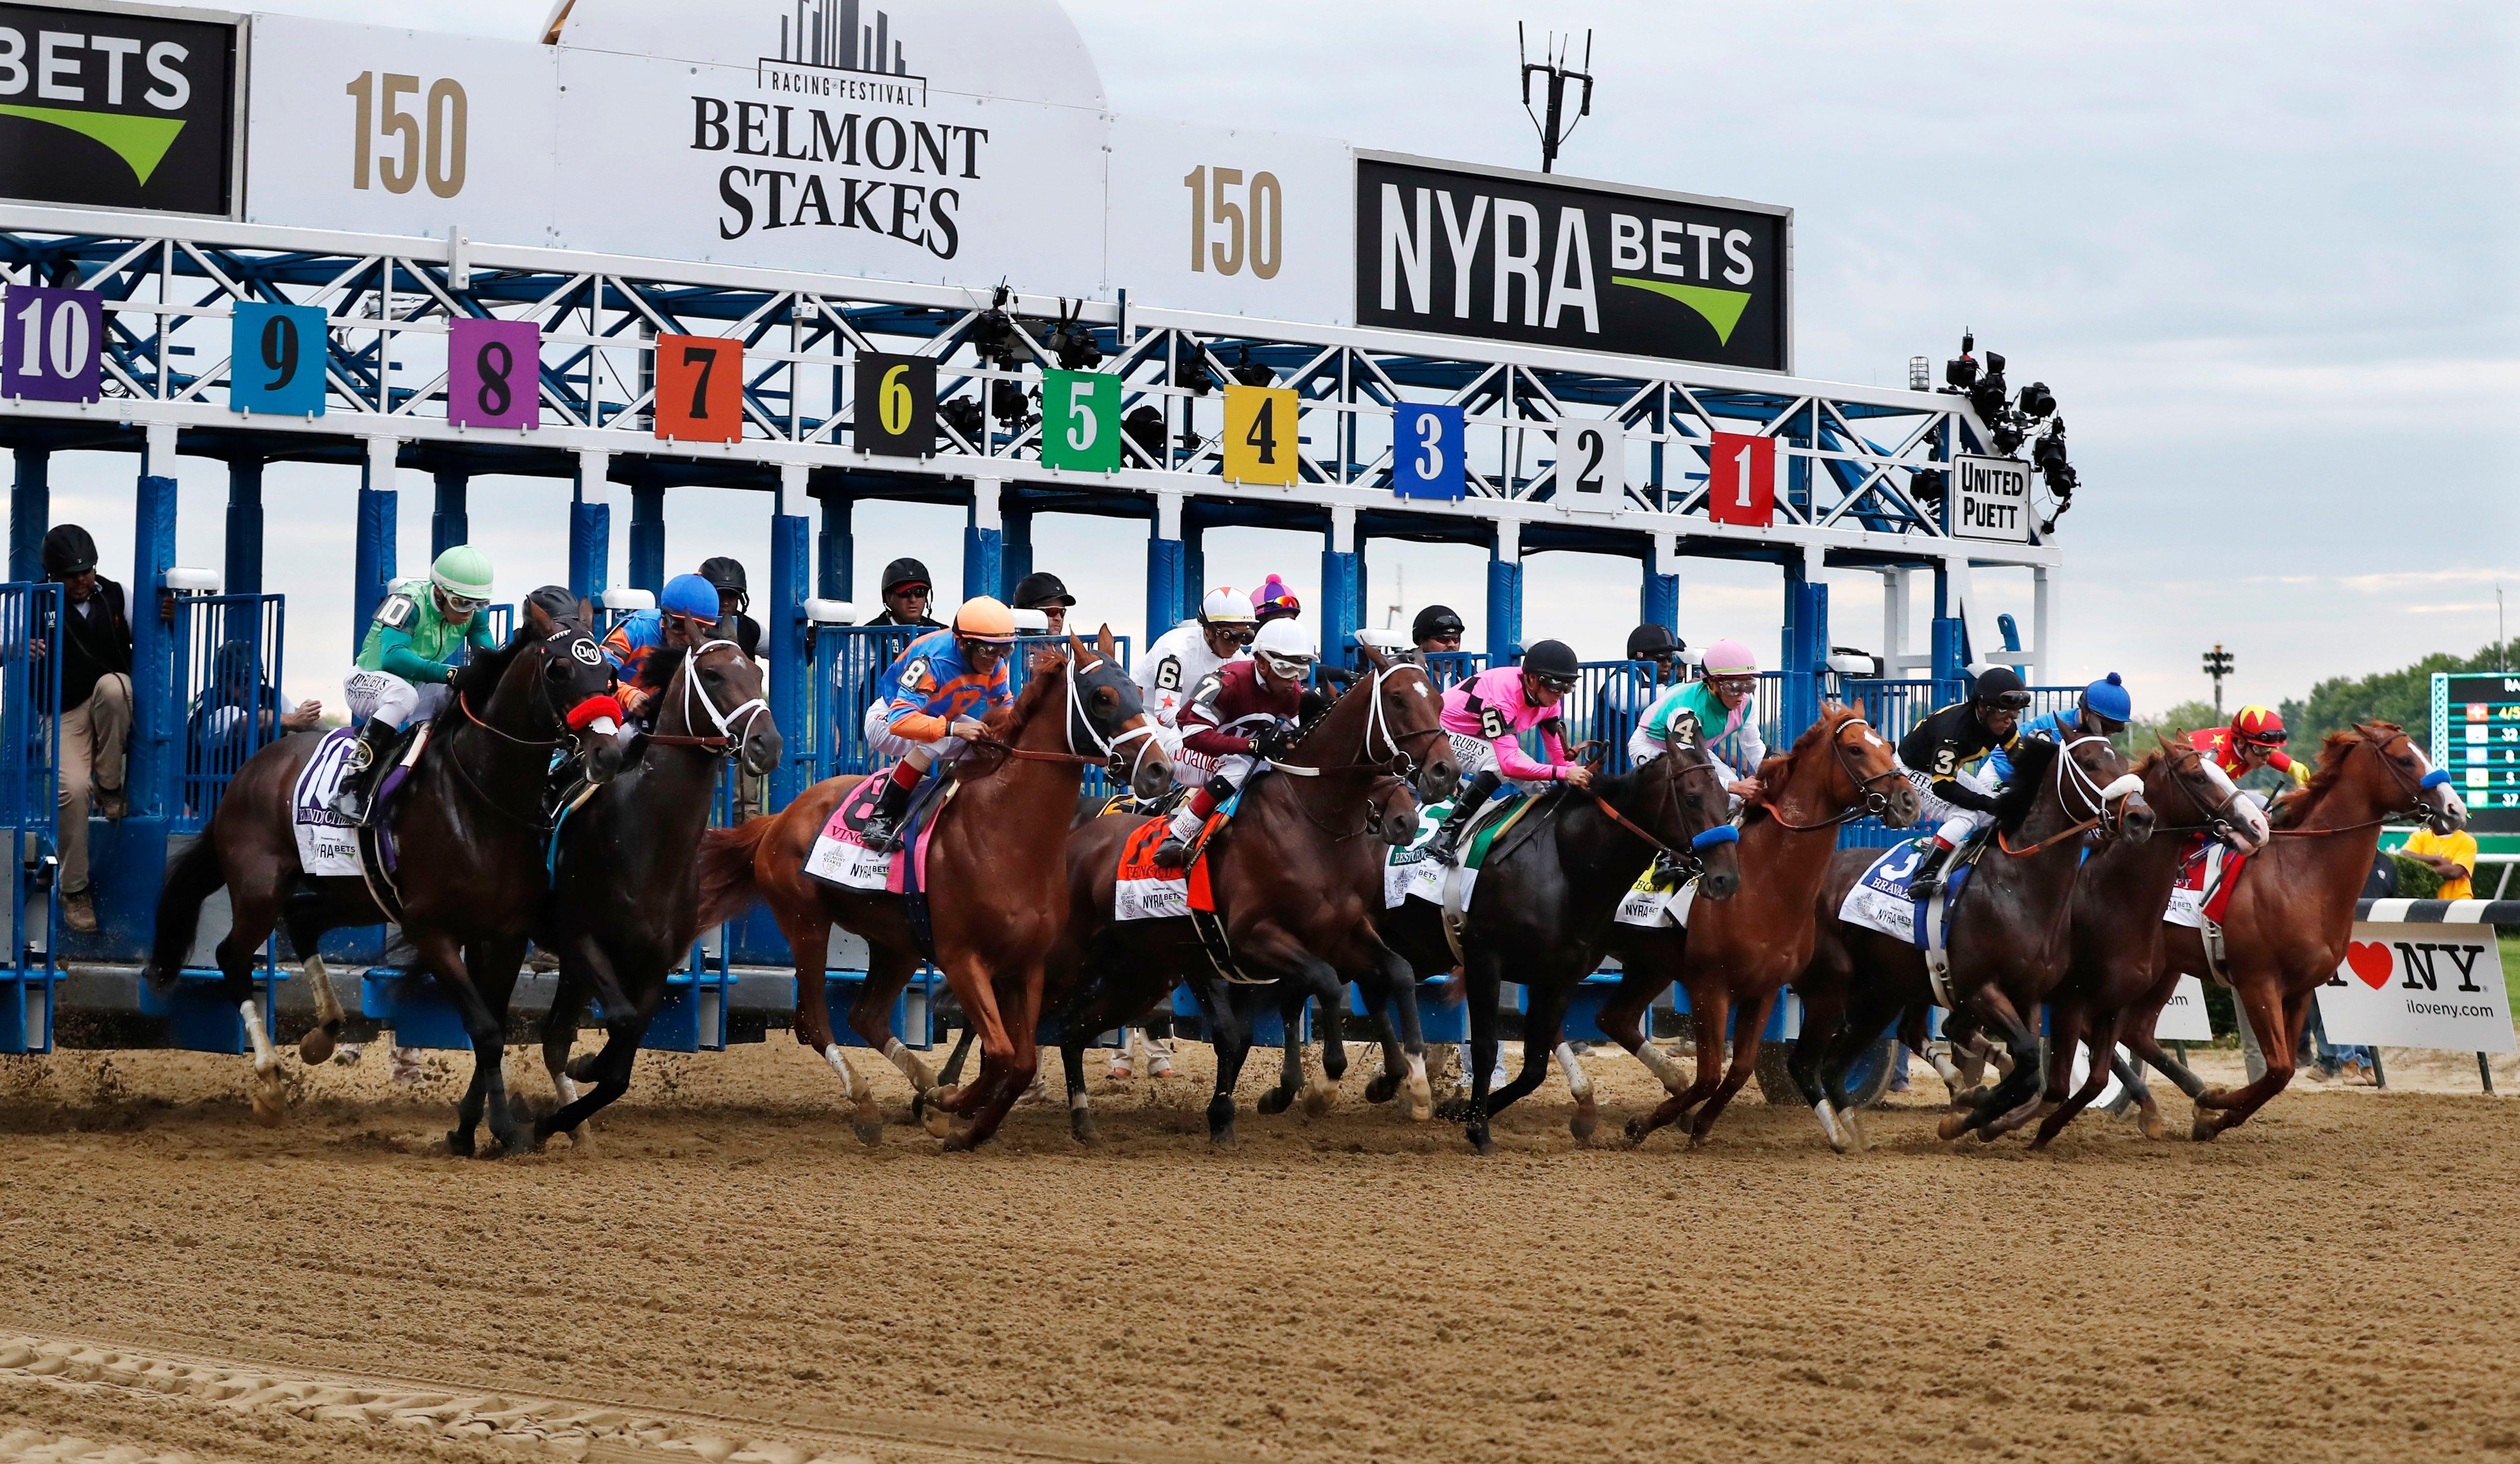 Belmont races sports betting online morte de joelmir betting tips